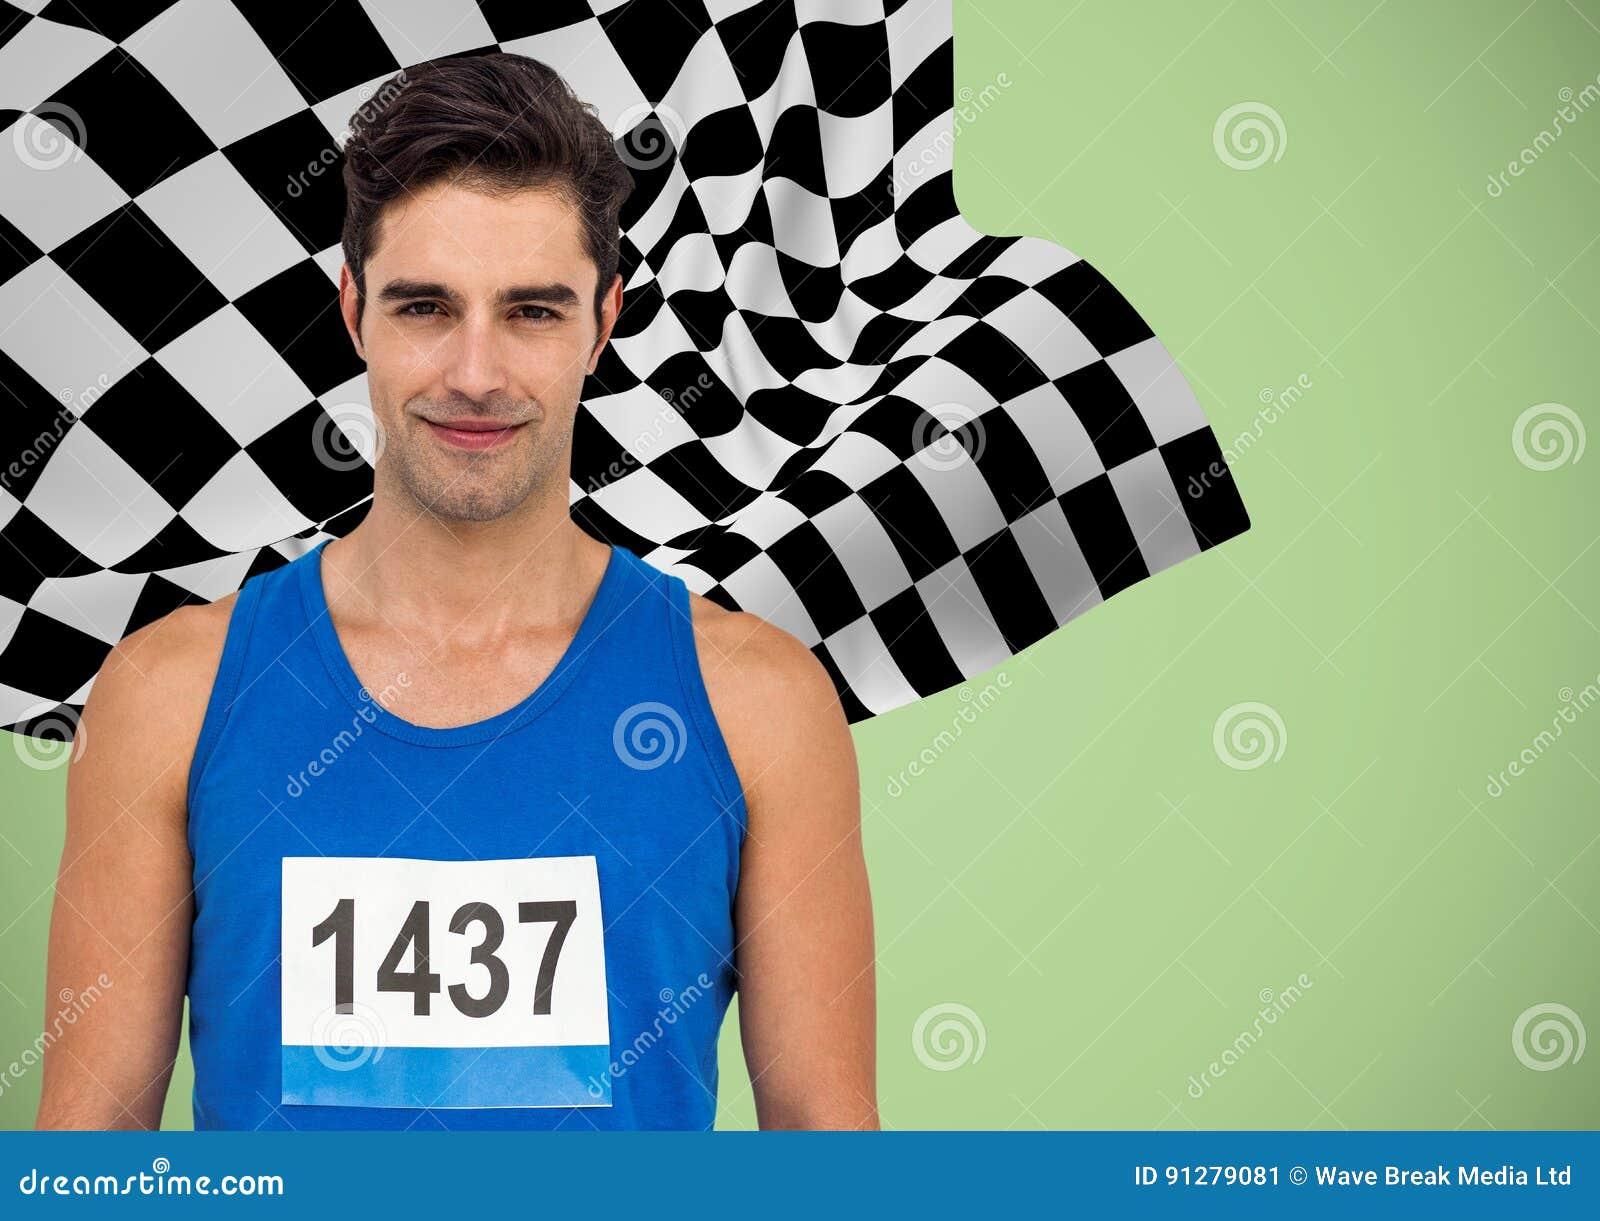 Manlig löpare med nummer på skjortan mot grön bakgrund och rutig flagga